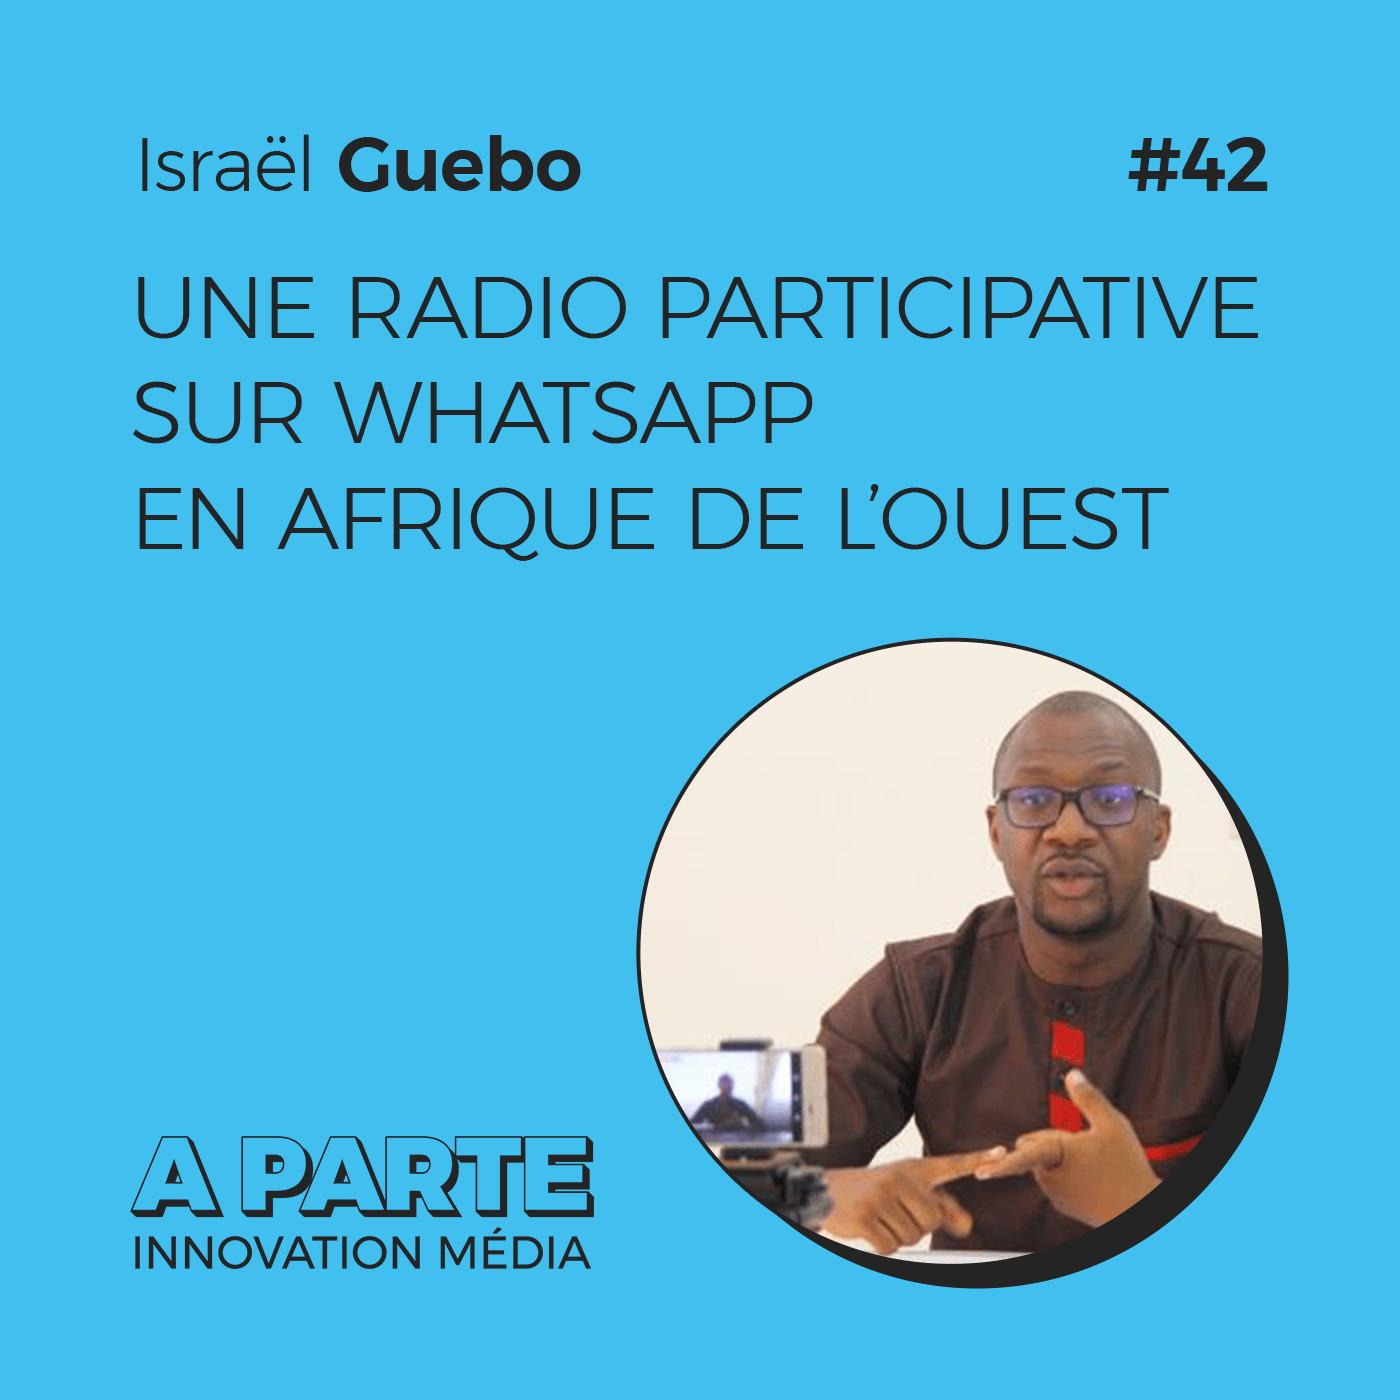 Une radio participative sur WhatsApp en Afrique de l'Ouest, avec Israël Guebo